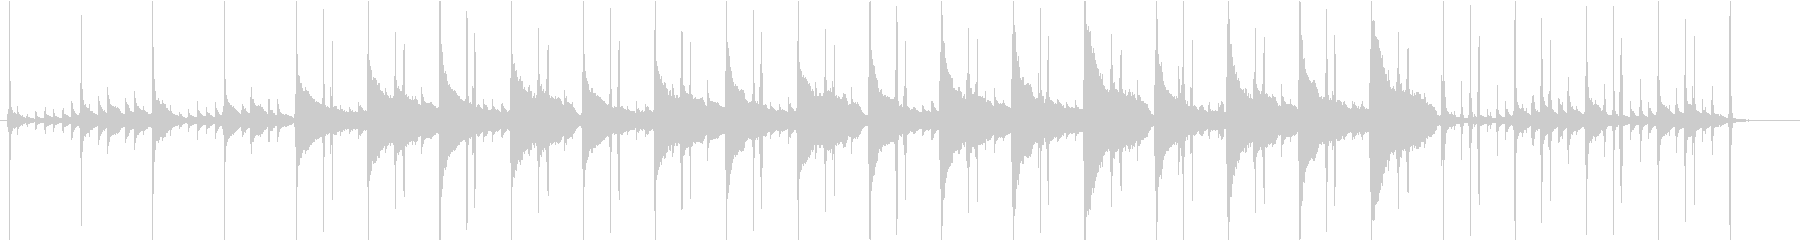 アンビエントミュージック エキゾチ...の未再生の波形